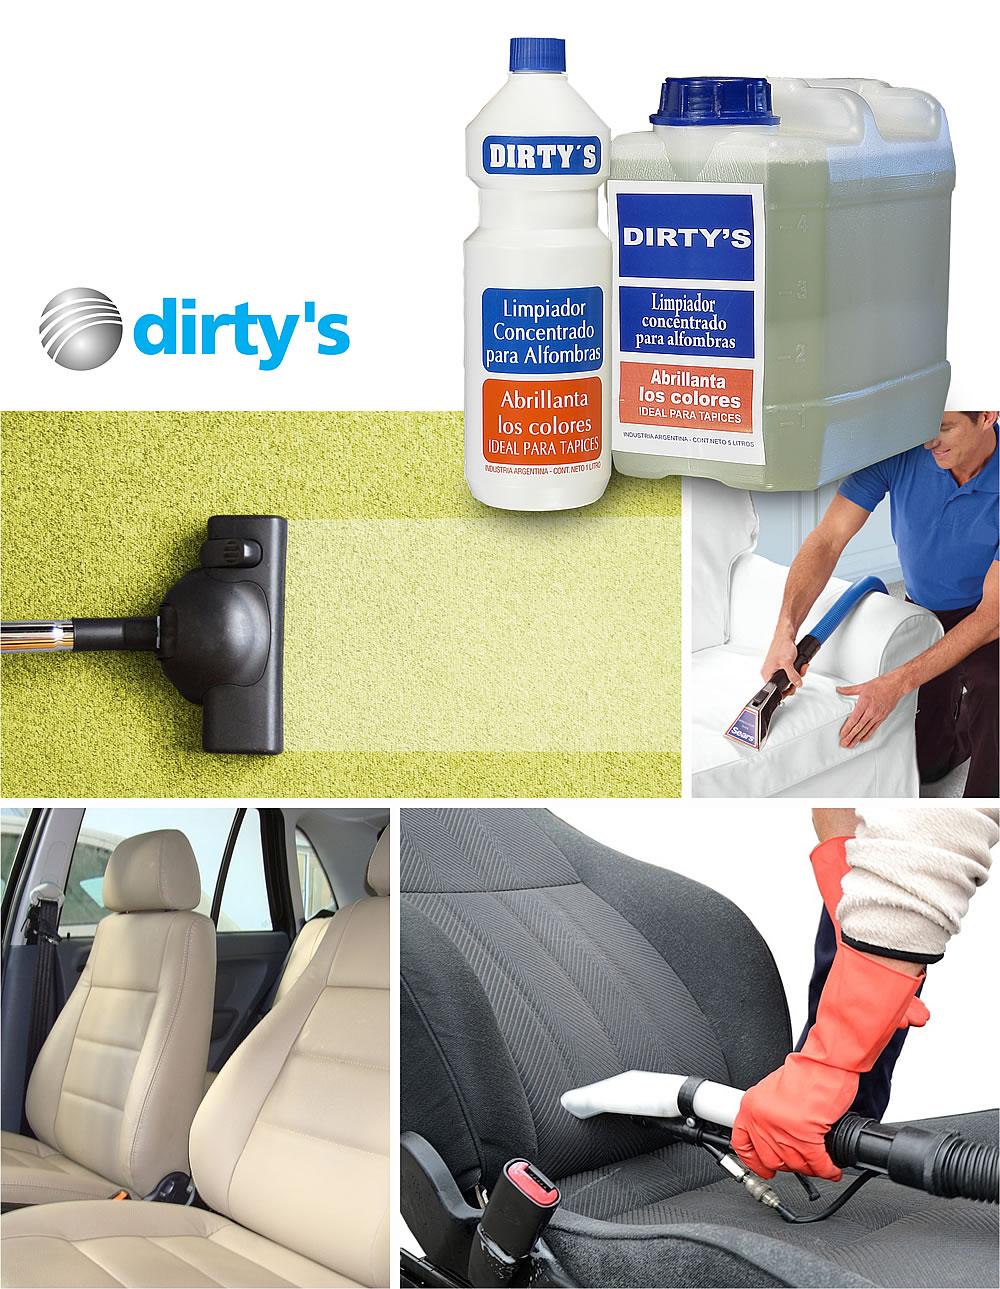 Limpiador concentrado de alfombras y tapizados dirtys - Limpiador de alfombras ...